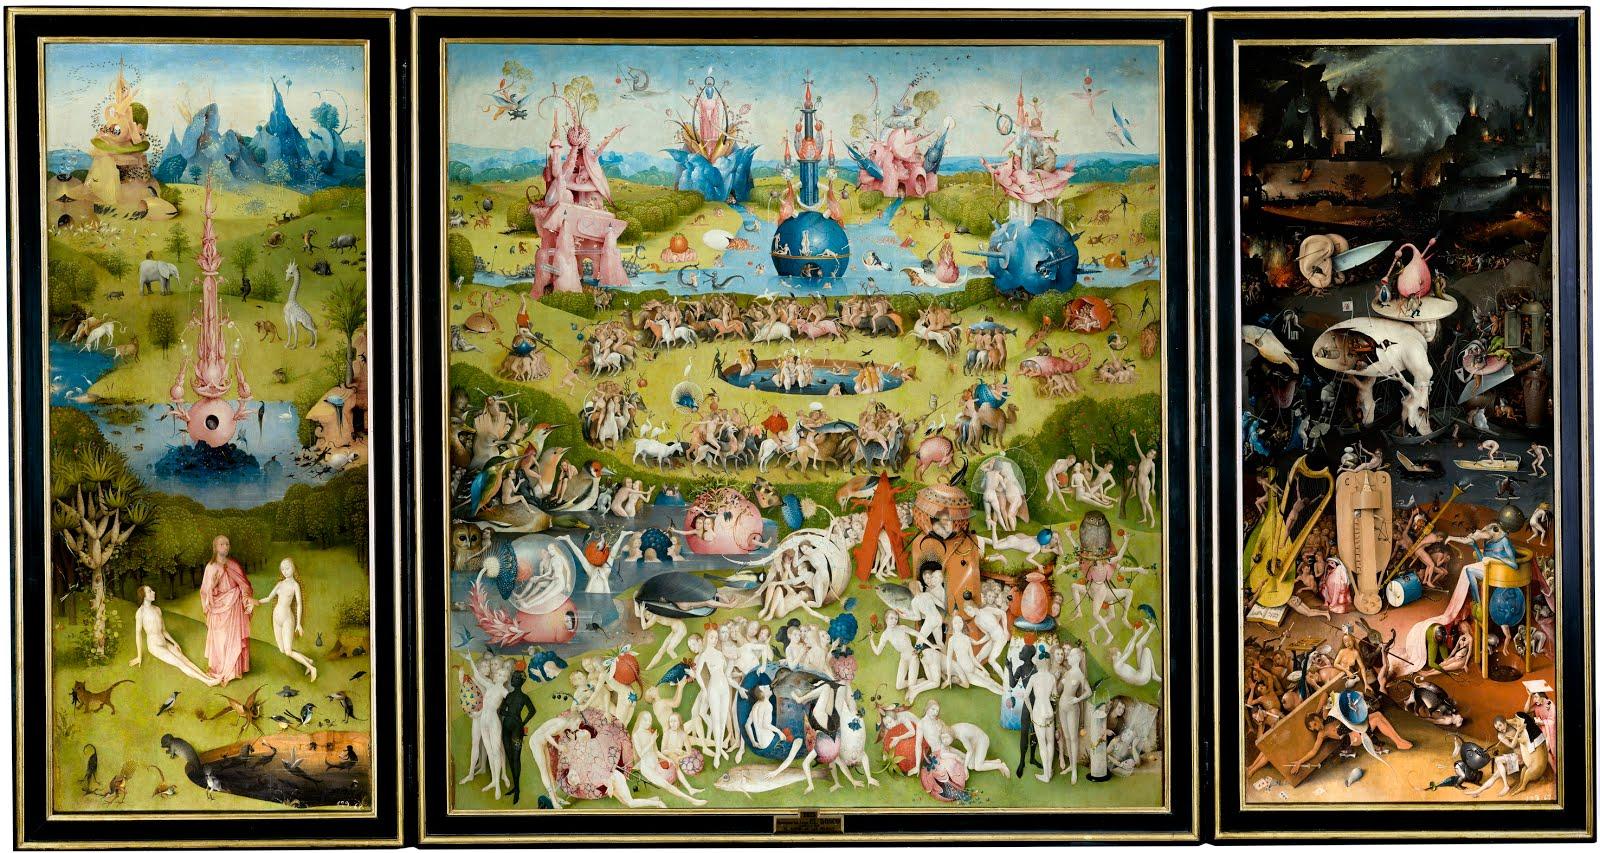 il giardino delle delizie di Hieronymus Bosch